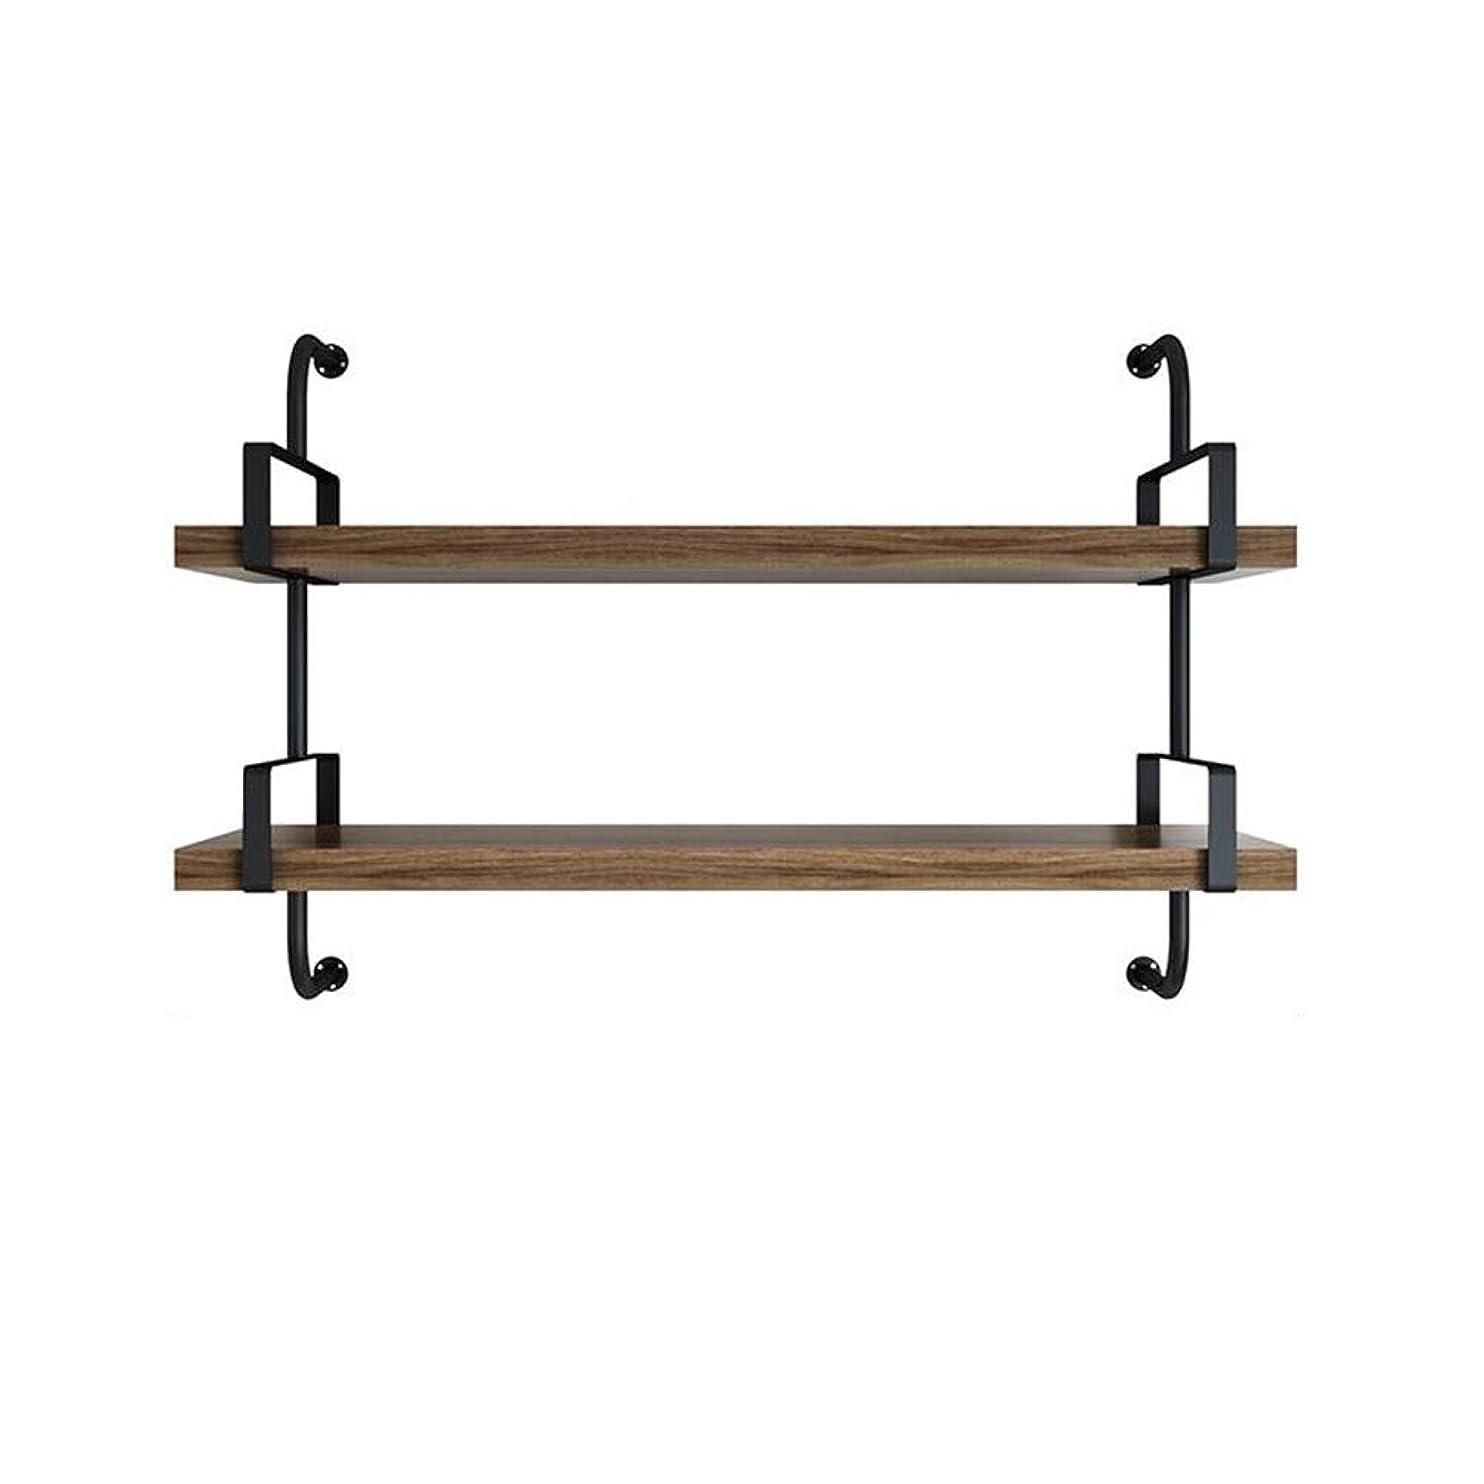 匹敵します勘違いする骨純木の壁ラック鍛造鉄の壁掛け壁収納ラックリビングルームのベッドルームワードパーティションフレームラック YIXIN (色 : 2, サイズ さいず : L:60cm)